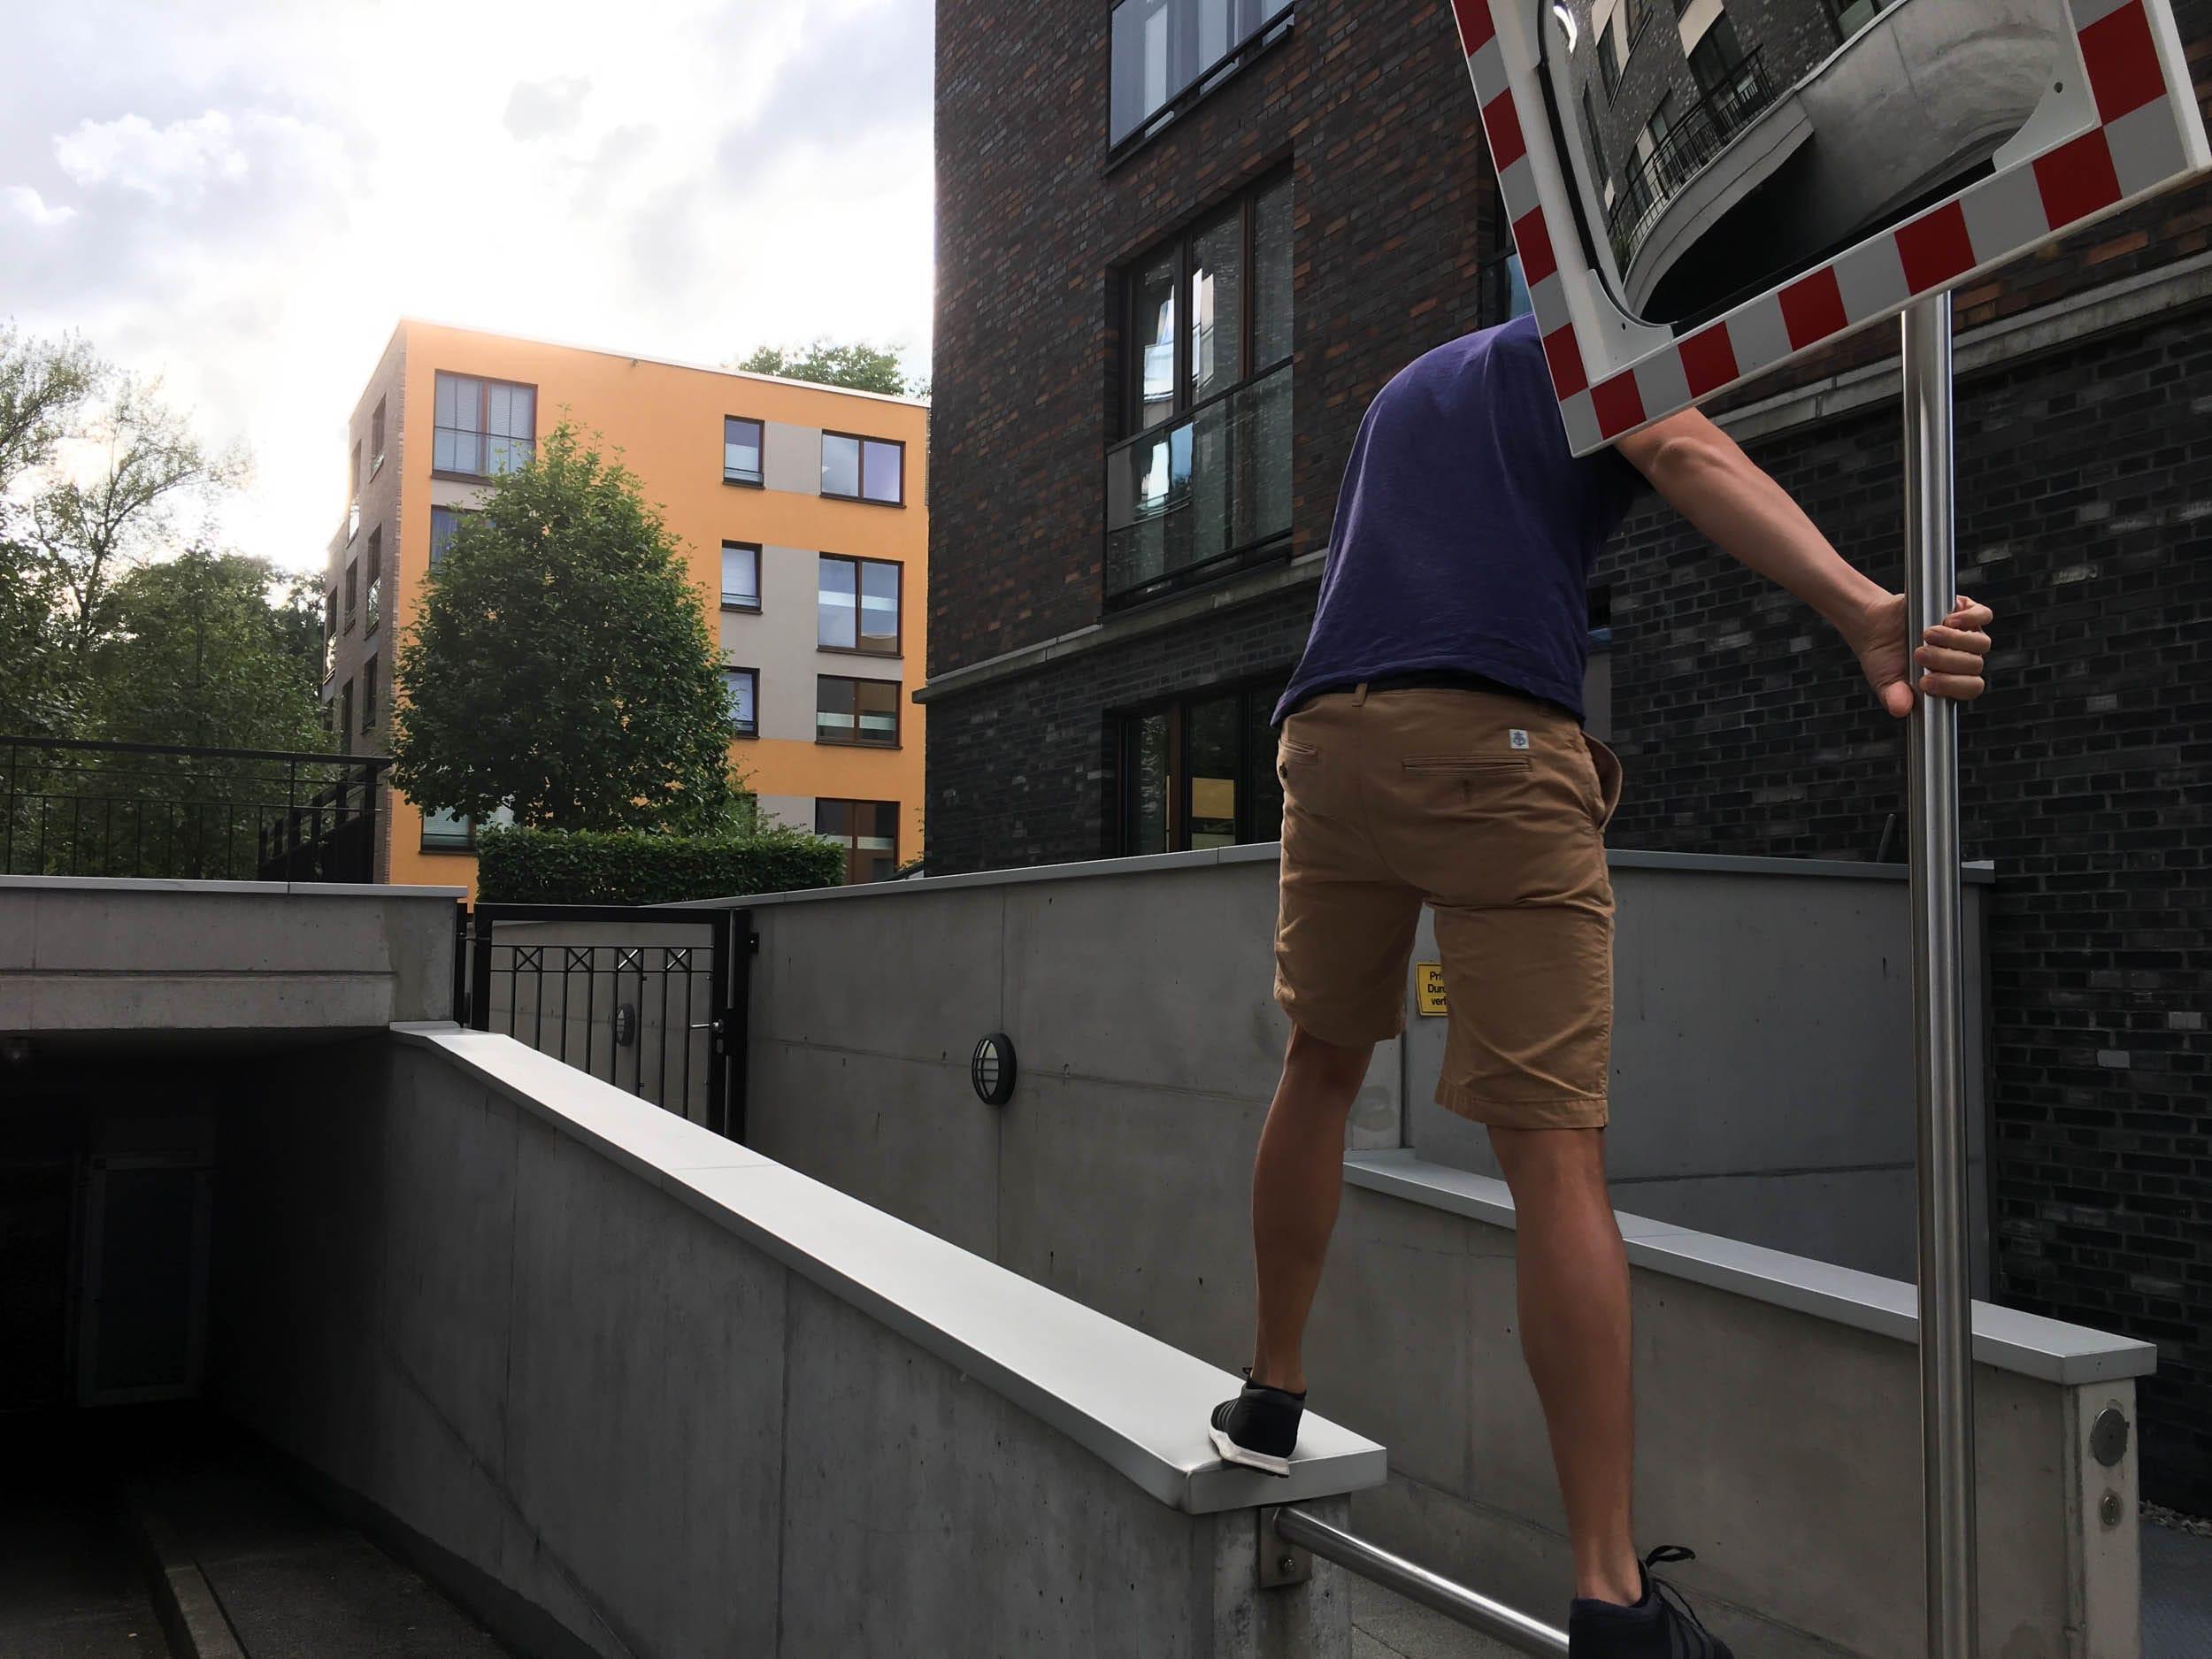 Nach Terrassen gucken | ivy.li